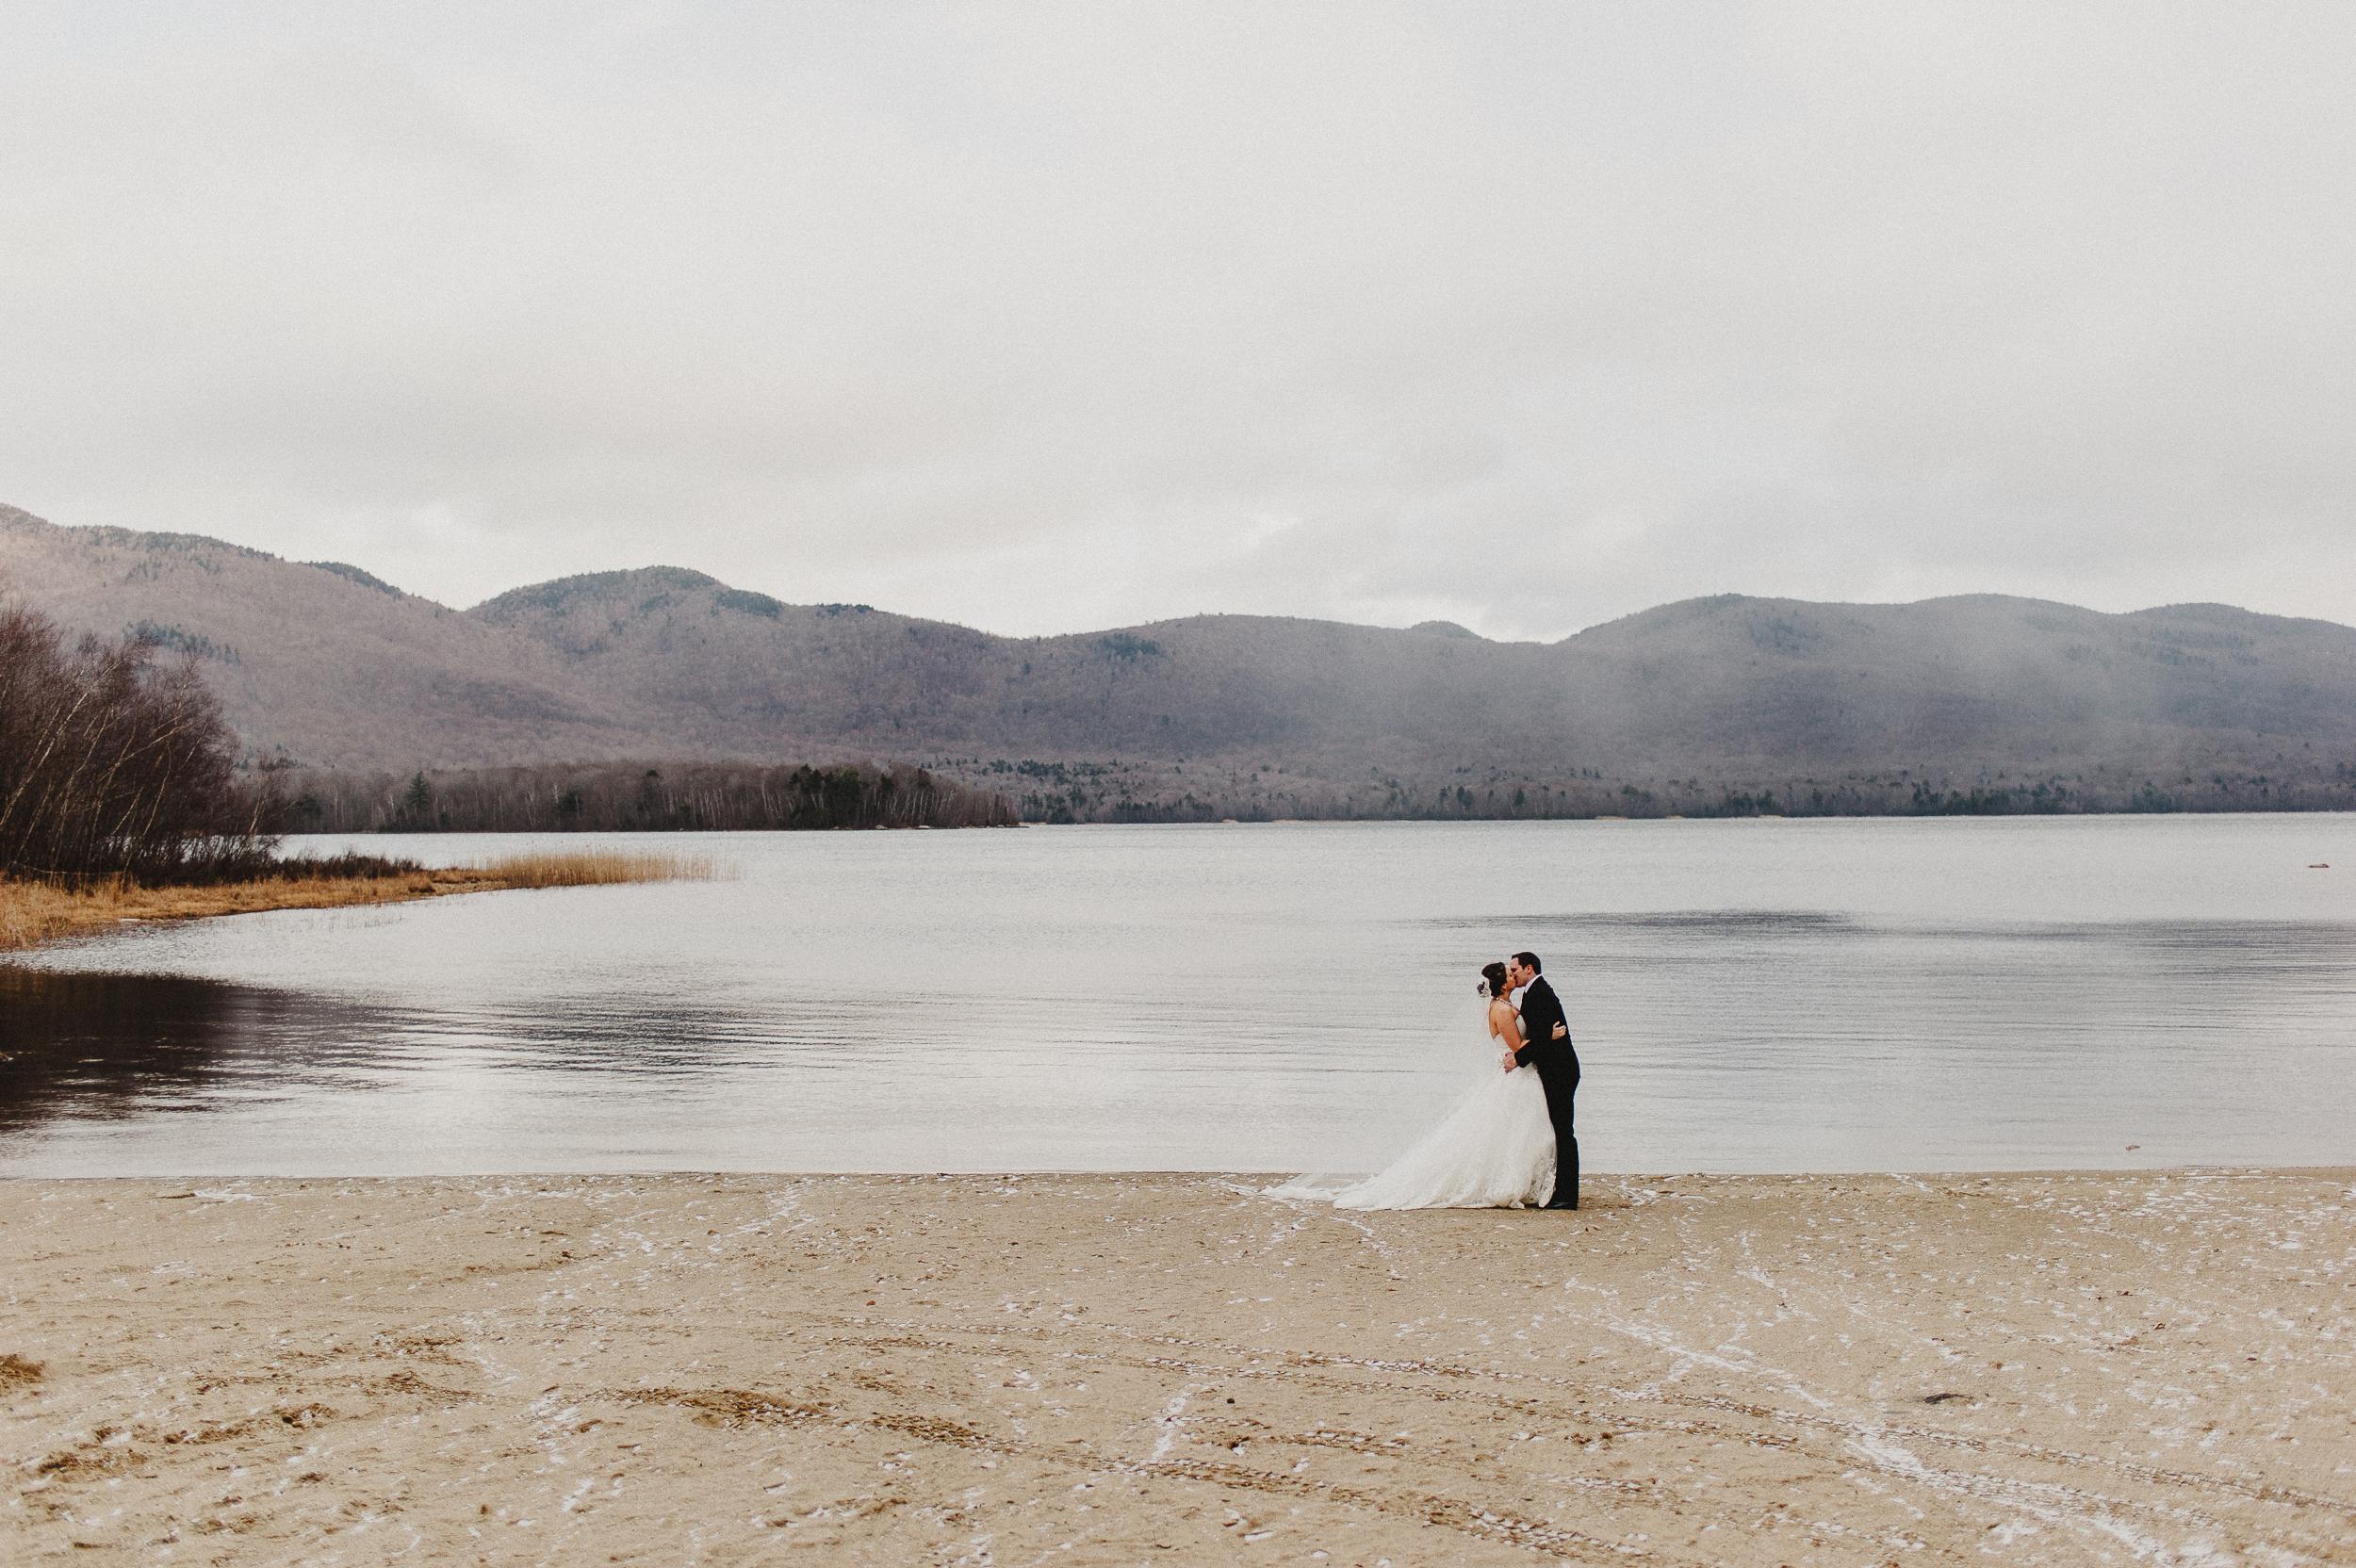 vermont-destination-wedding-photographer-20.jpg